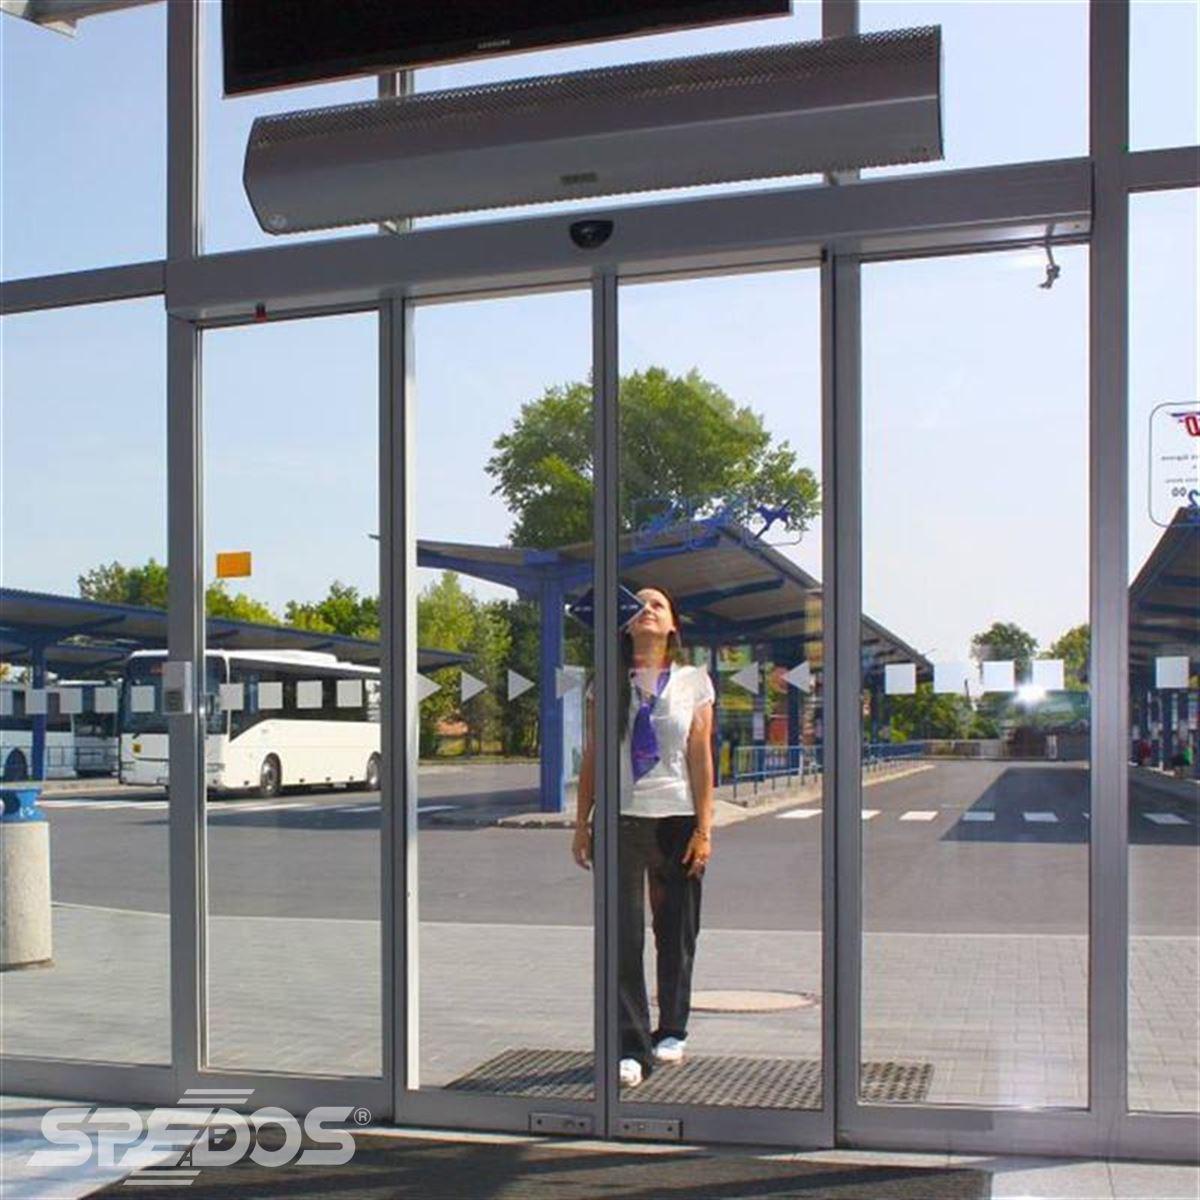 nádražní automatické vstupní dveře Spedos